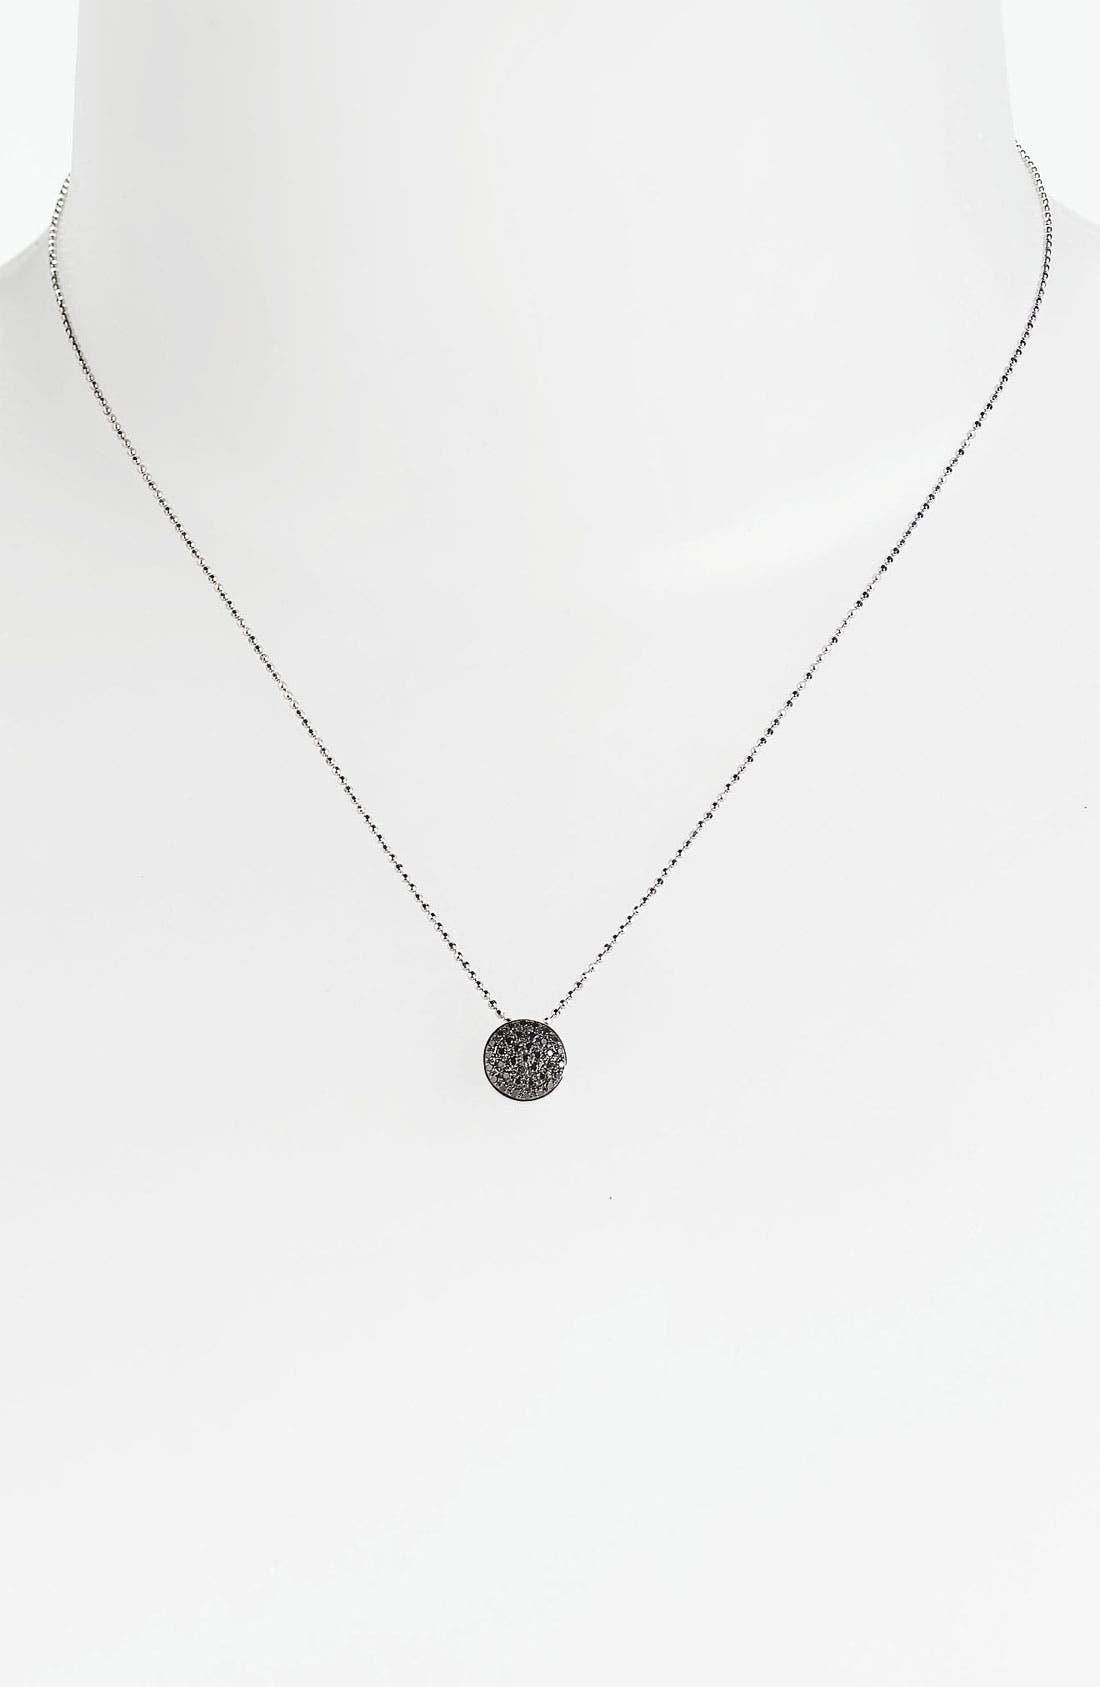 'Eclipse' Pavé Diamond Pendant Necklace,                             Main thumbnail 1, color,                             Black/ White Gold